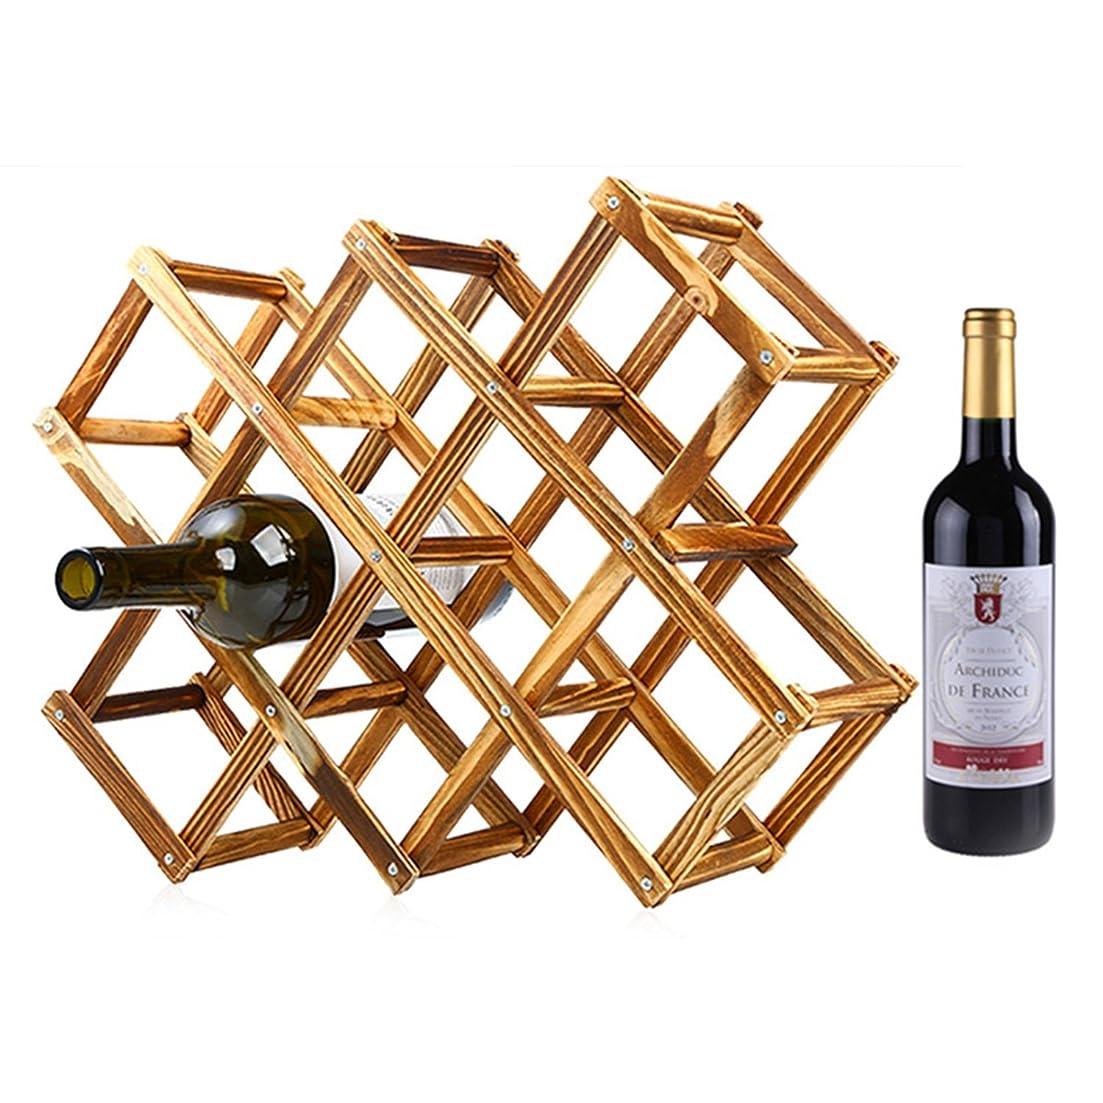 コカインパーク落ち着いた【ノーブランド】木製ワインラック ワインボトルラック ワイン棚 10本用